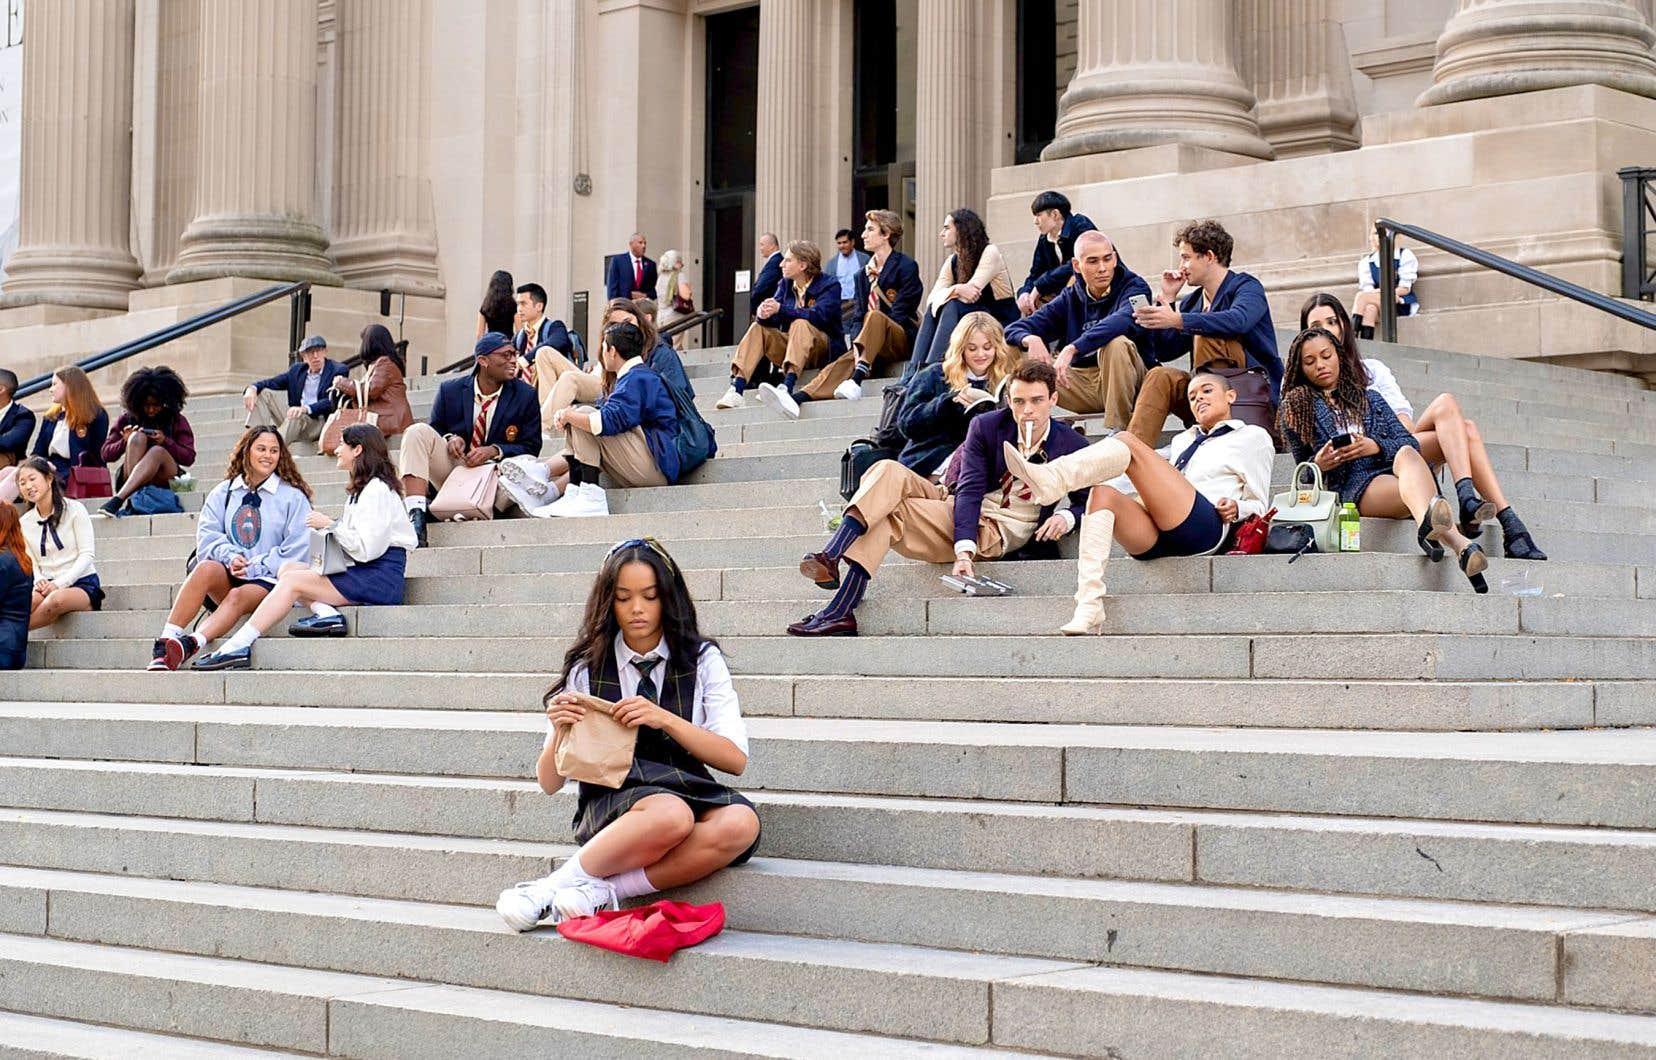 Dans la nouvelle mouture de «Gossip Girl», on retrouvera l'école privée de l'élite new-yorkaise, tout comme les fameuses marches du Met. Toutefois, ce n'est pas Blair et Serena qui y seront assises, mais plutôt une toute nouvelle brochette d'étudiants, dont la délurée Julien (Jordan Alexander) et la timide Zoya (Whitney Peak).